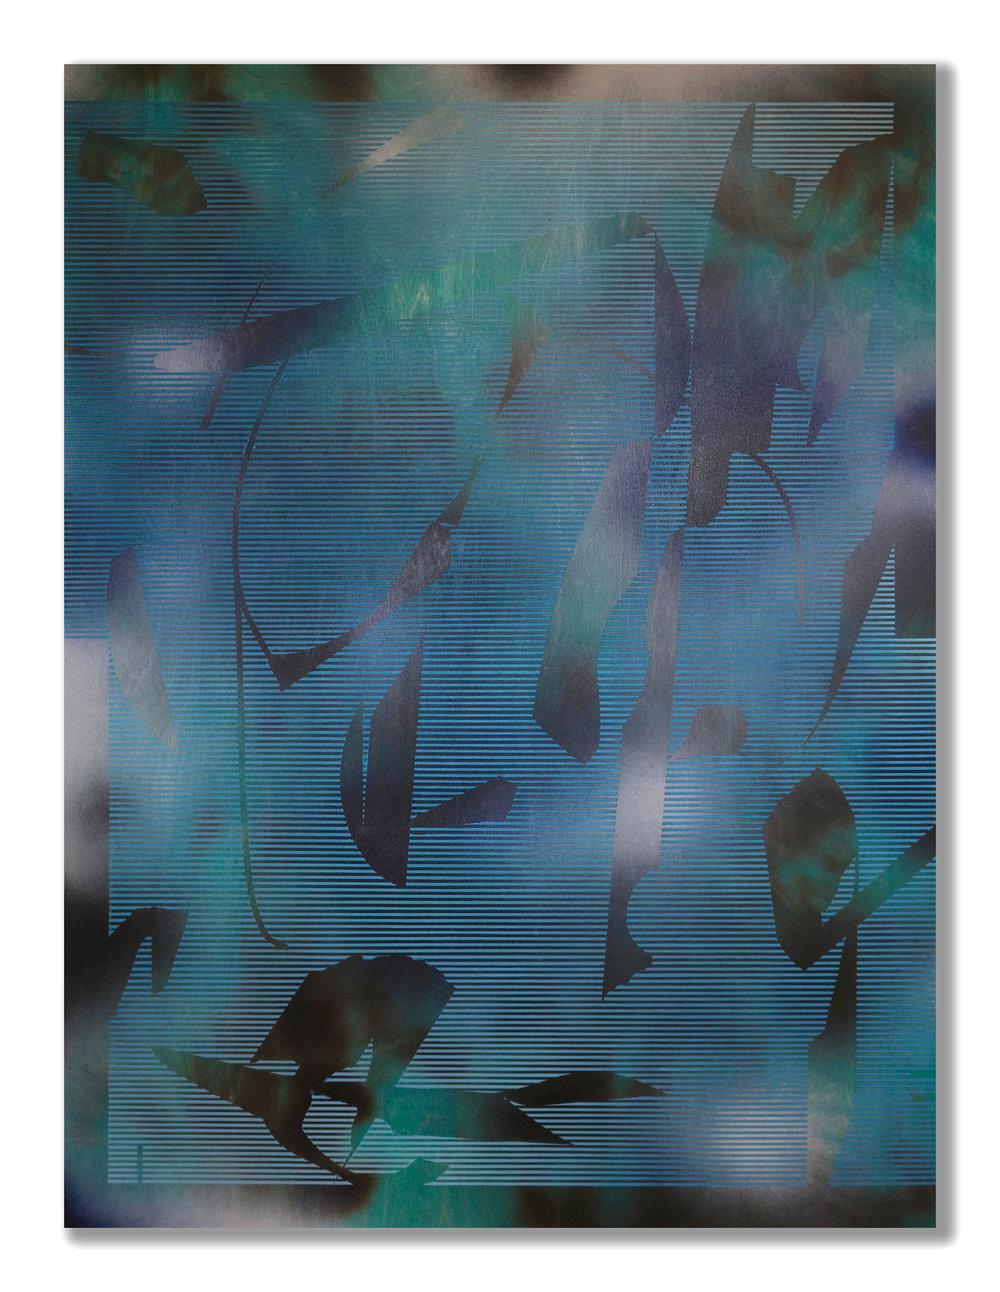 in-and-in-forest-33,-2017,-48x36',-pyrogravure-et-acrylique-en-aérosol-sur-bois,-$6000-.jpg